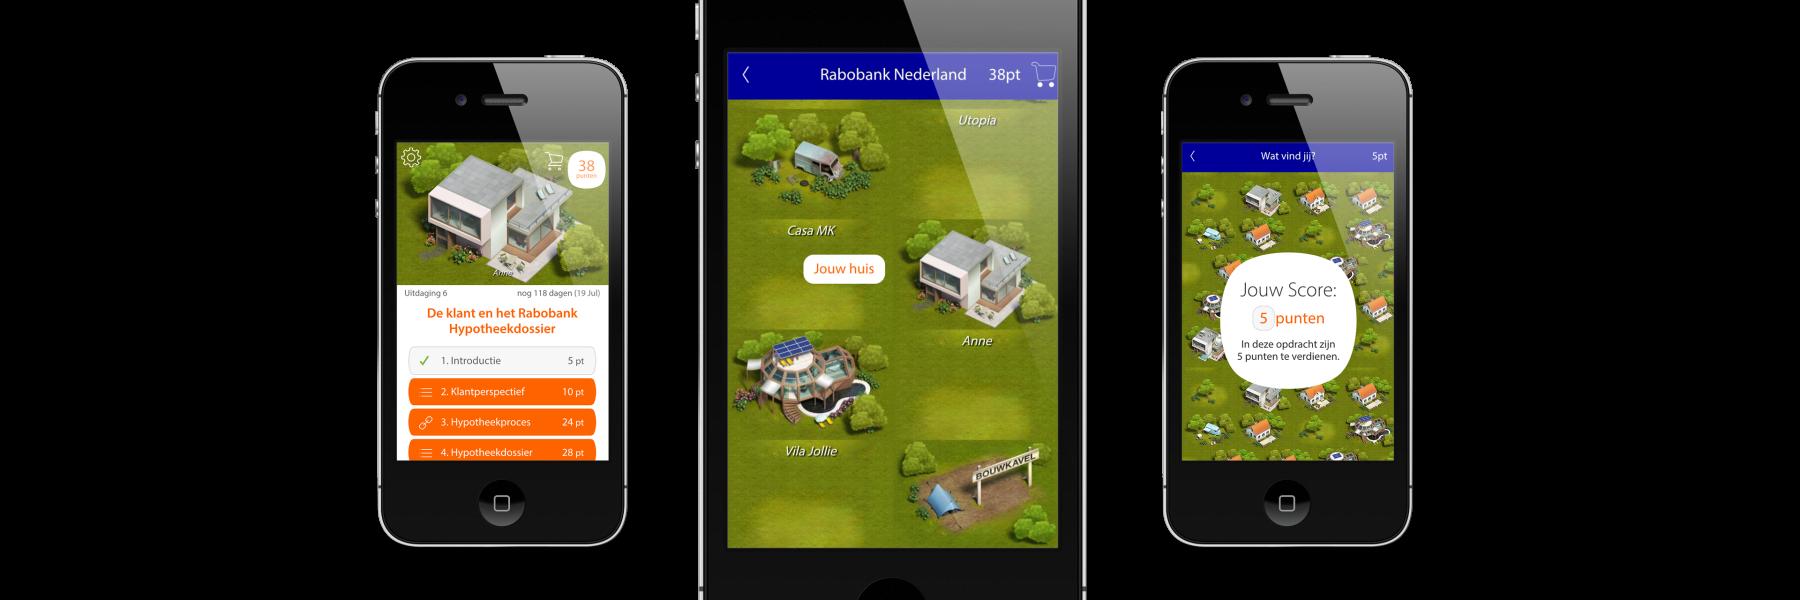 Rabobank slider1 1800x600 - Bank gamification: los bancos también juegan